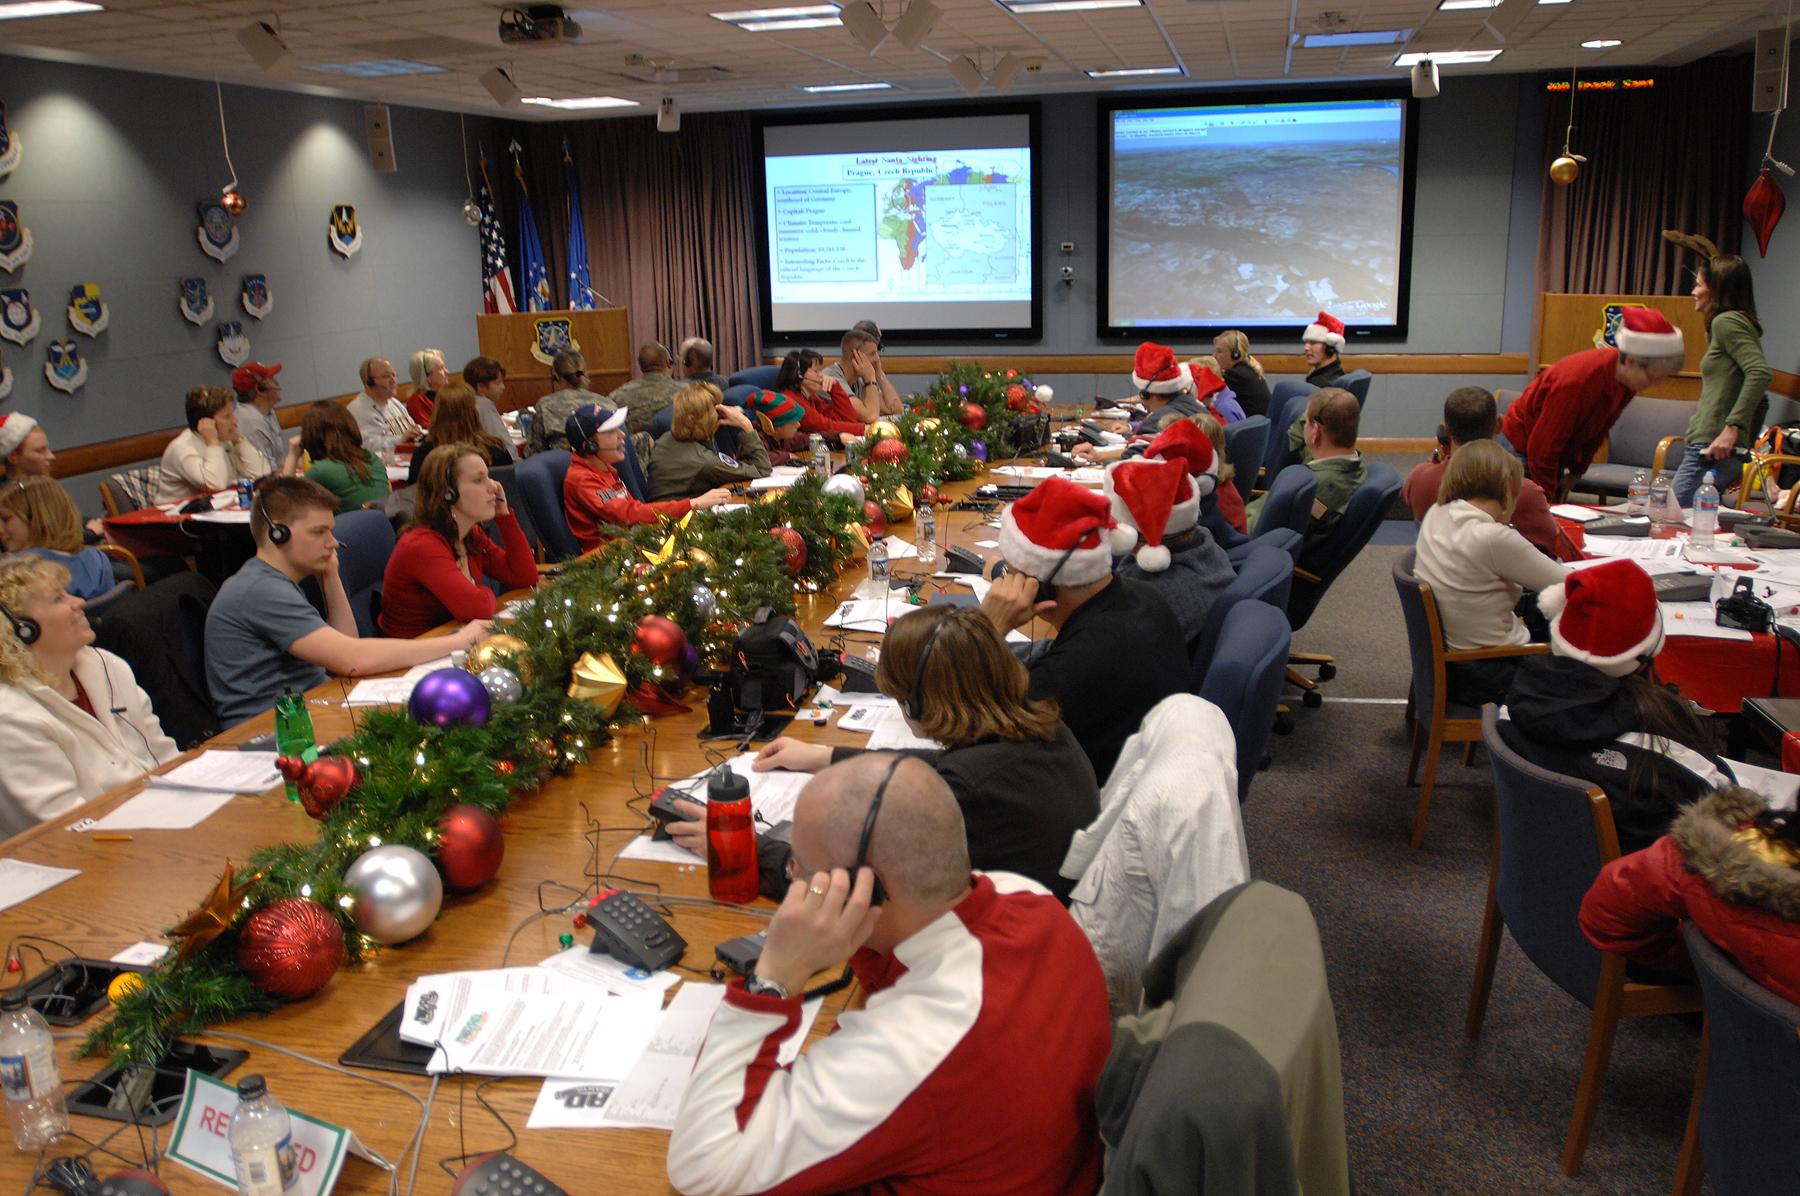 El Call center de NORAD recibe reclamos por los regalos.